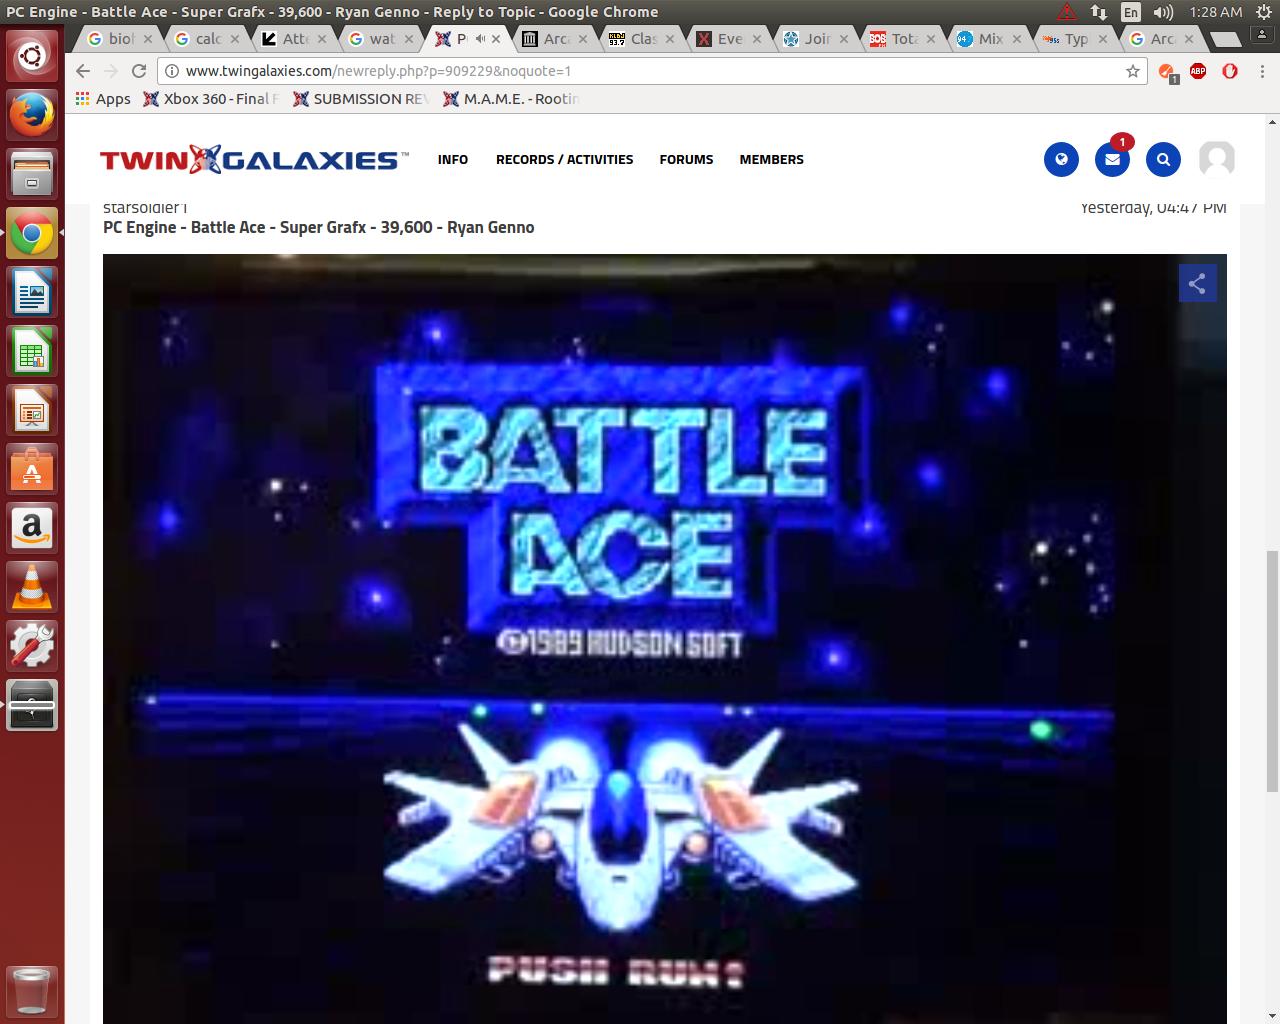 PC Engine - Battle Ace - Super Grafx - 39,600 - Ryan Genno